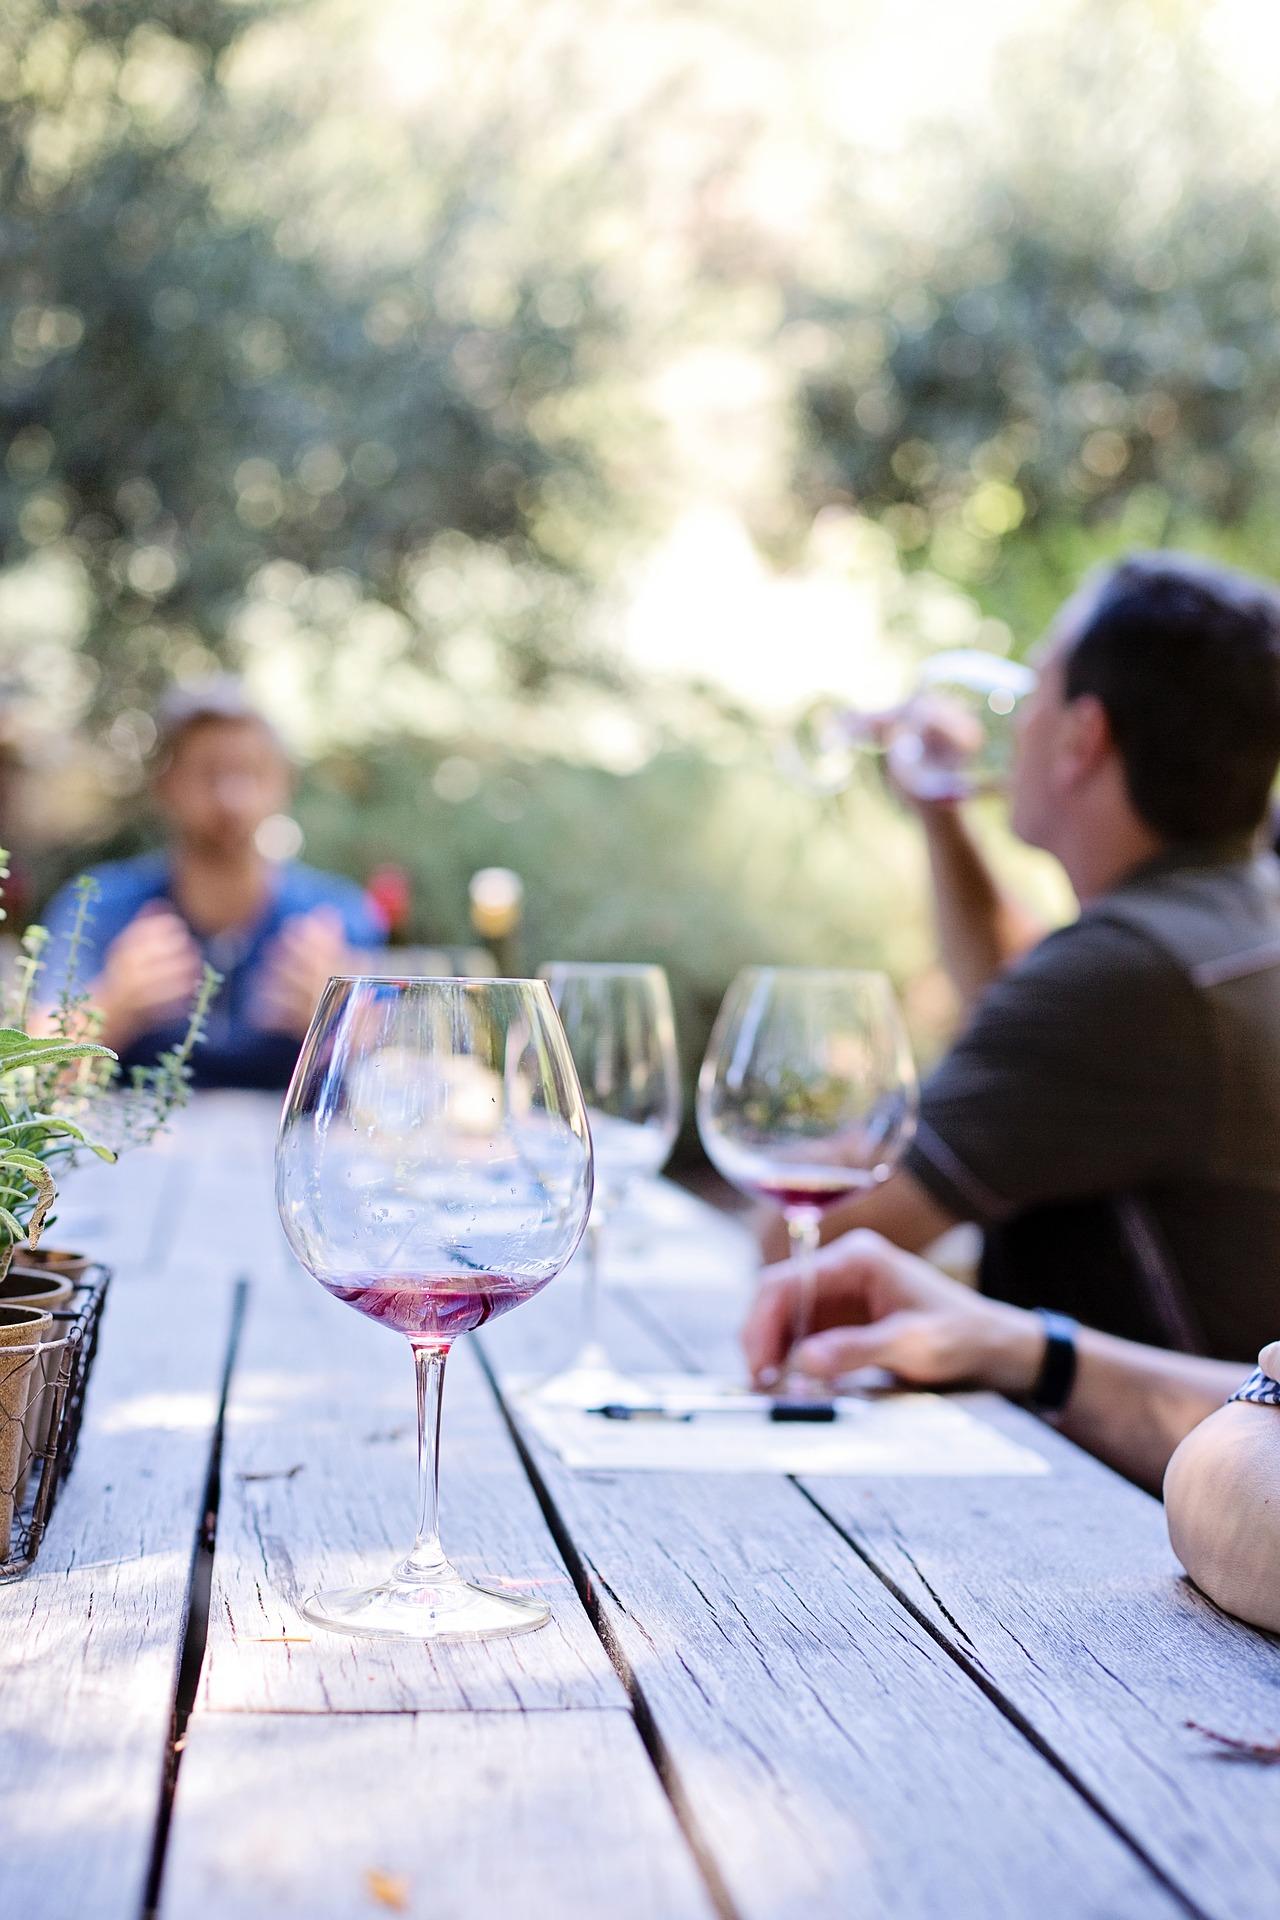 wine-tasting-1952074_1920.jpg